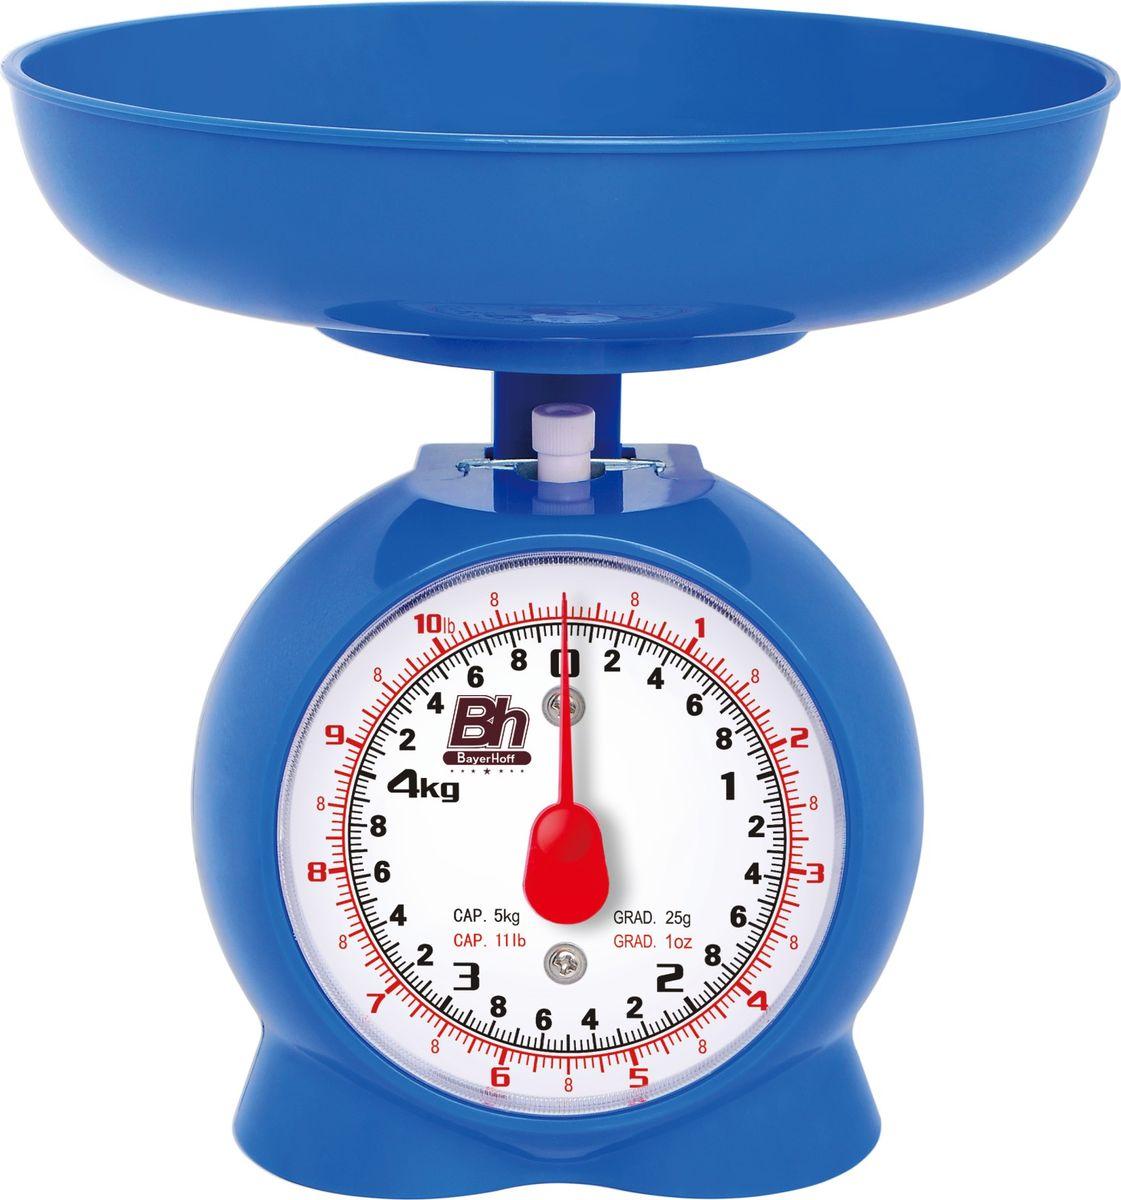 Весы кухонные механические Bayerhoff, цвет: синий, до 5 кгBH-5149Механические кухонные весы Bayerhoff, выполненные из высокопрочного пластика и металла, с большой, хорошо читаемой шкалой и съемной чашей, придутся по душе каждой хозяйке и станут незаменимым аксессуаром на кухне. На шкале с шагом 50 г присутствуют единицы измерения в граммах и килограммах. Весы также дополнены таймером.В комплекте - пластиковая чаша. Весы складываются в чашу для компактного хранения.